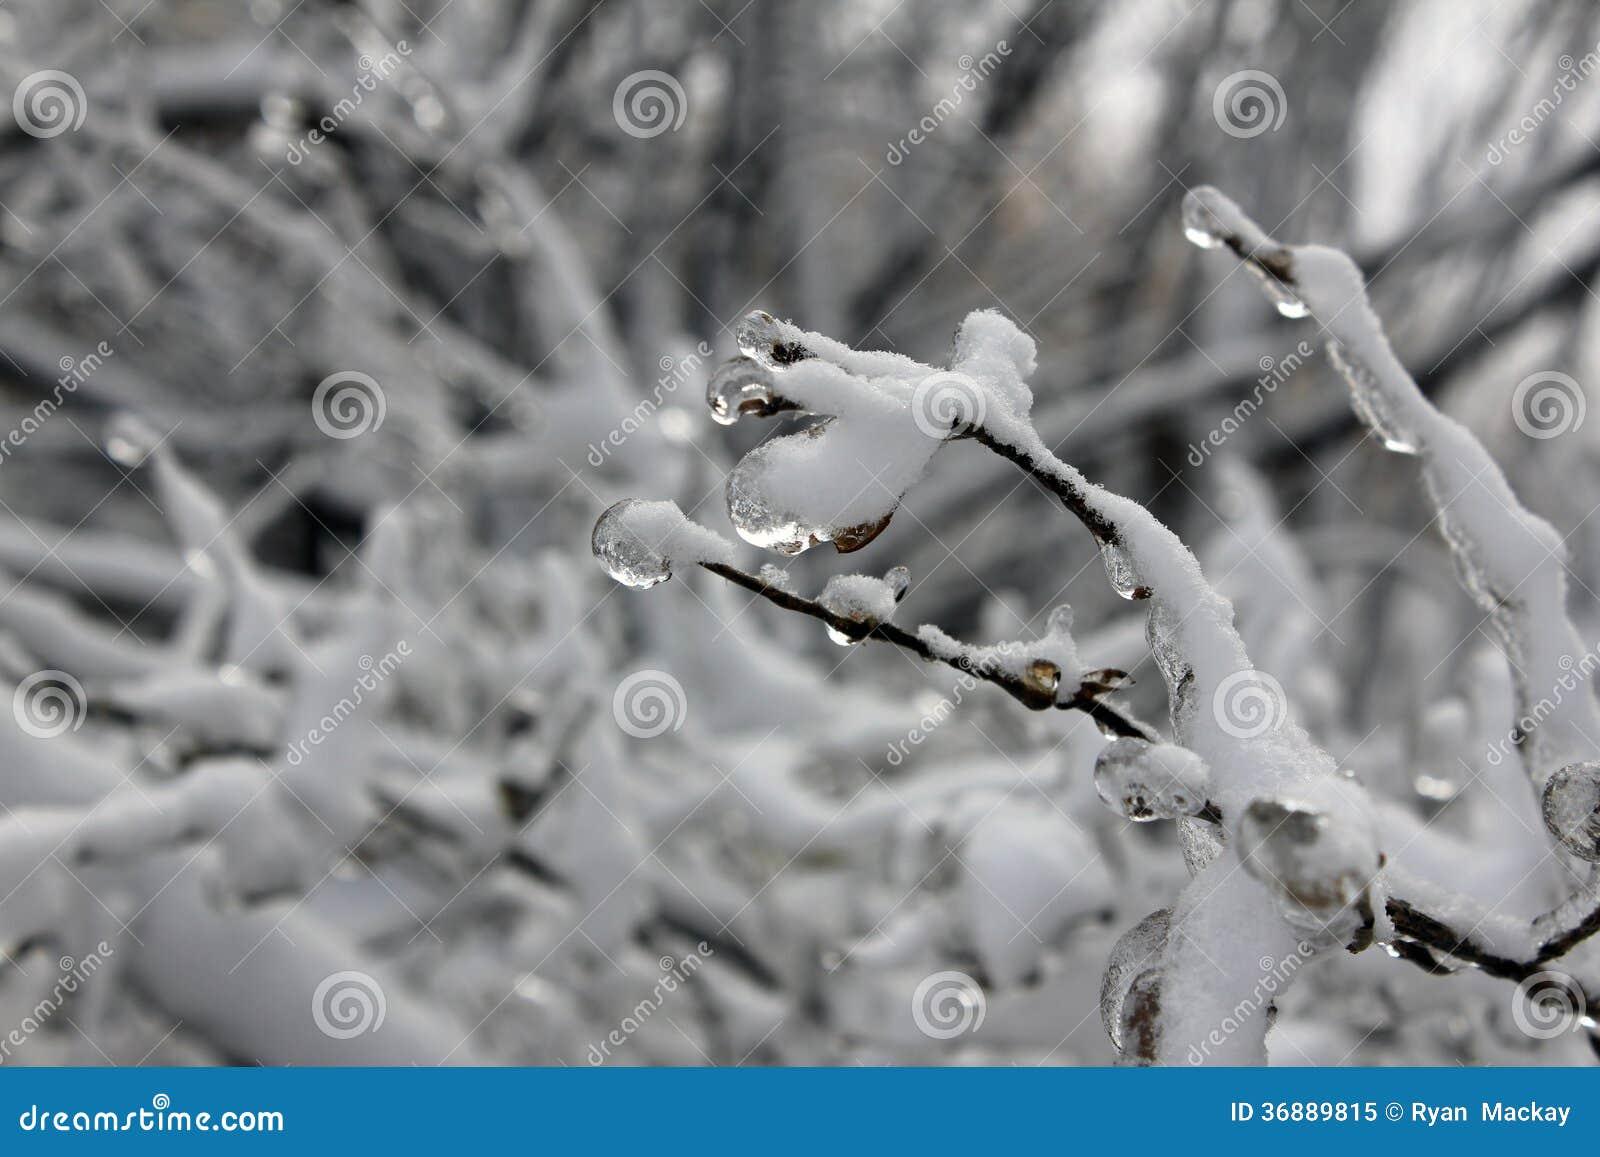 Download Tempesta di ghiaccio immagine stock. Immagine di tempo - 36889815